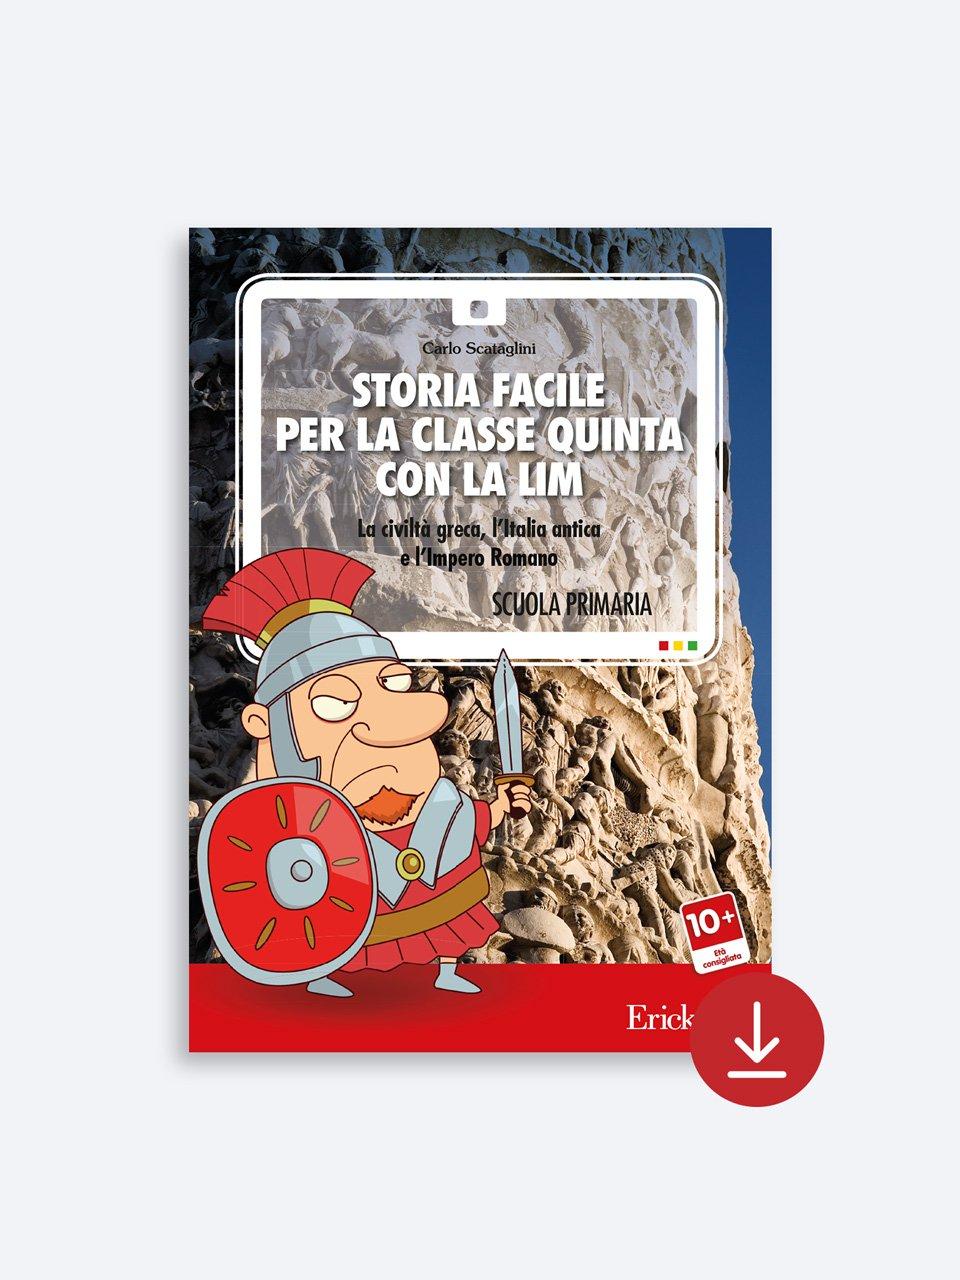 Storia facile per la classe quinta - Geografia facile per la classe quinta - Libri - Erickson 3